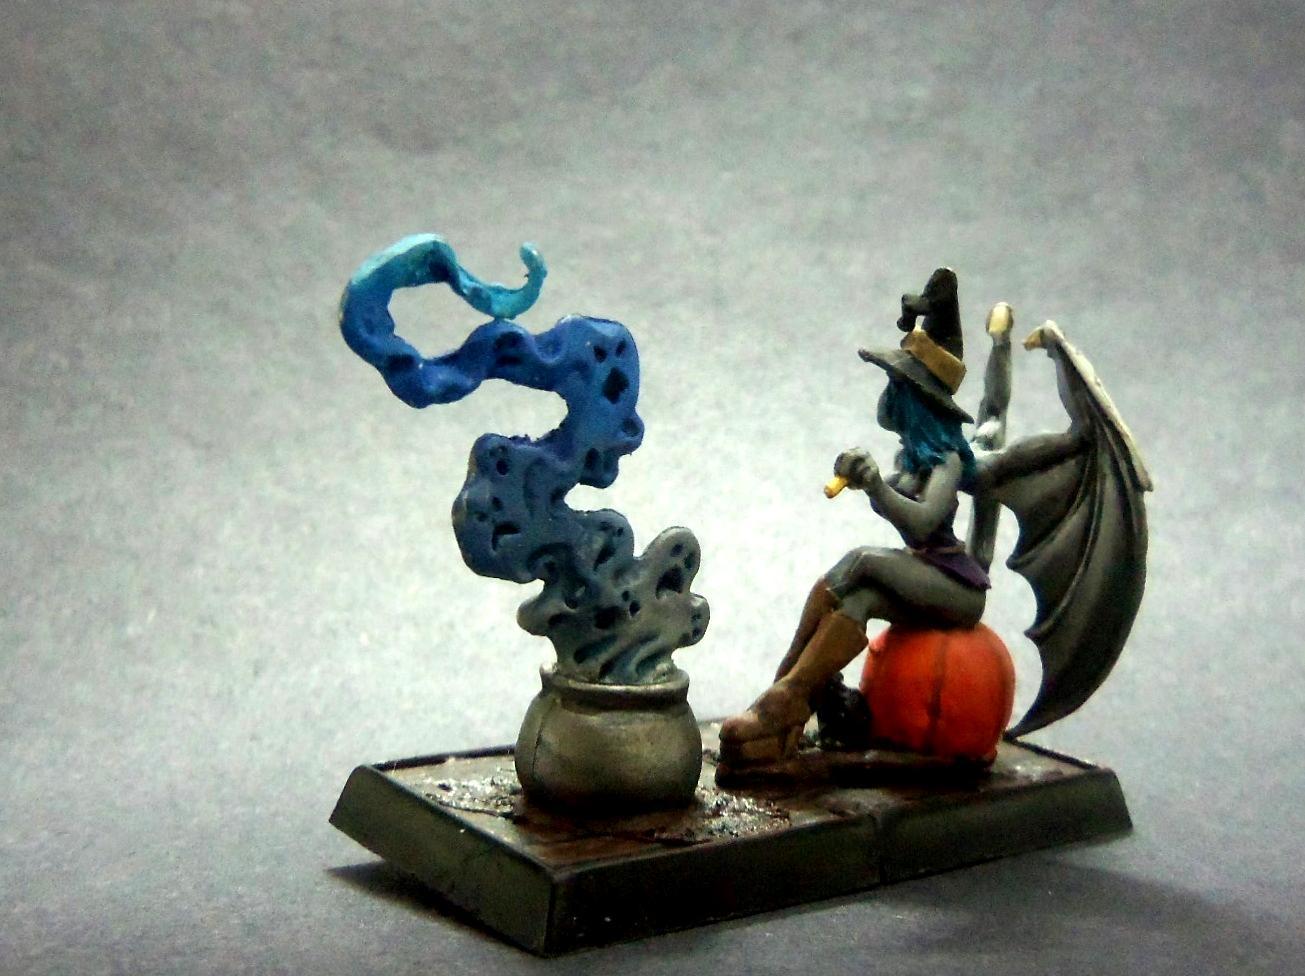 D&D figure